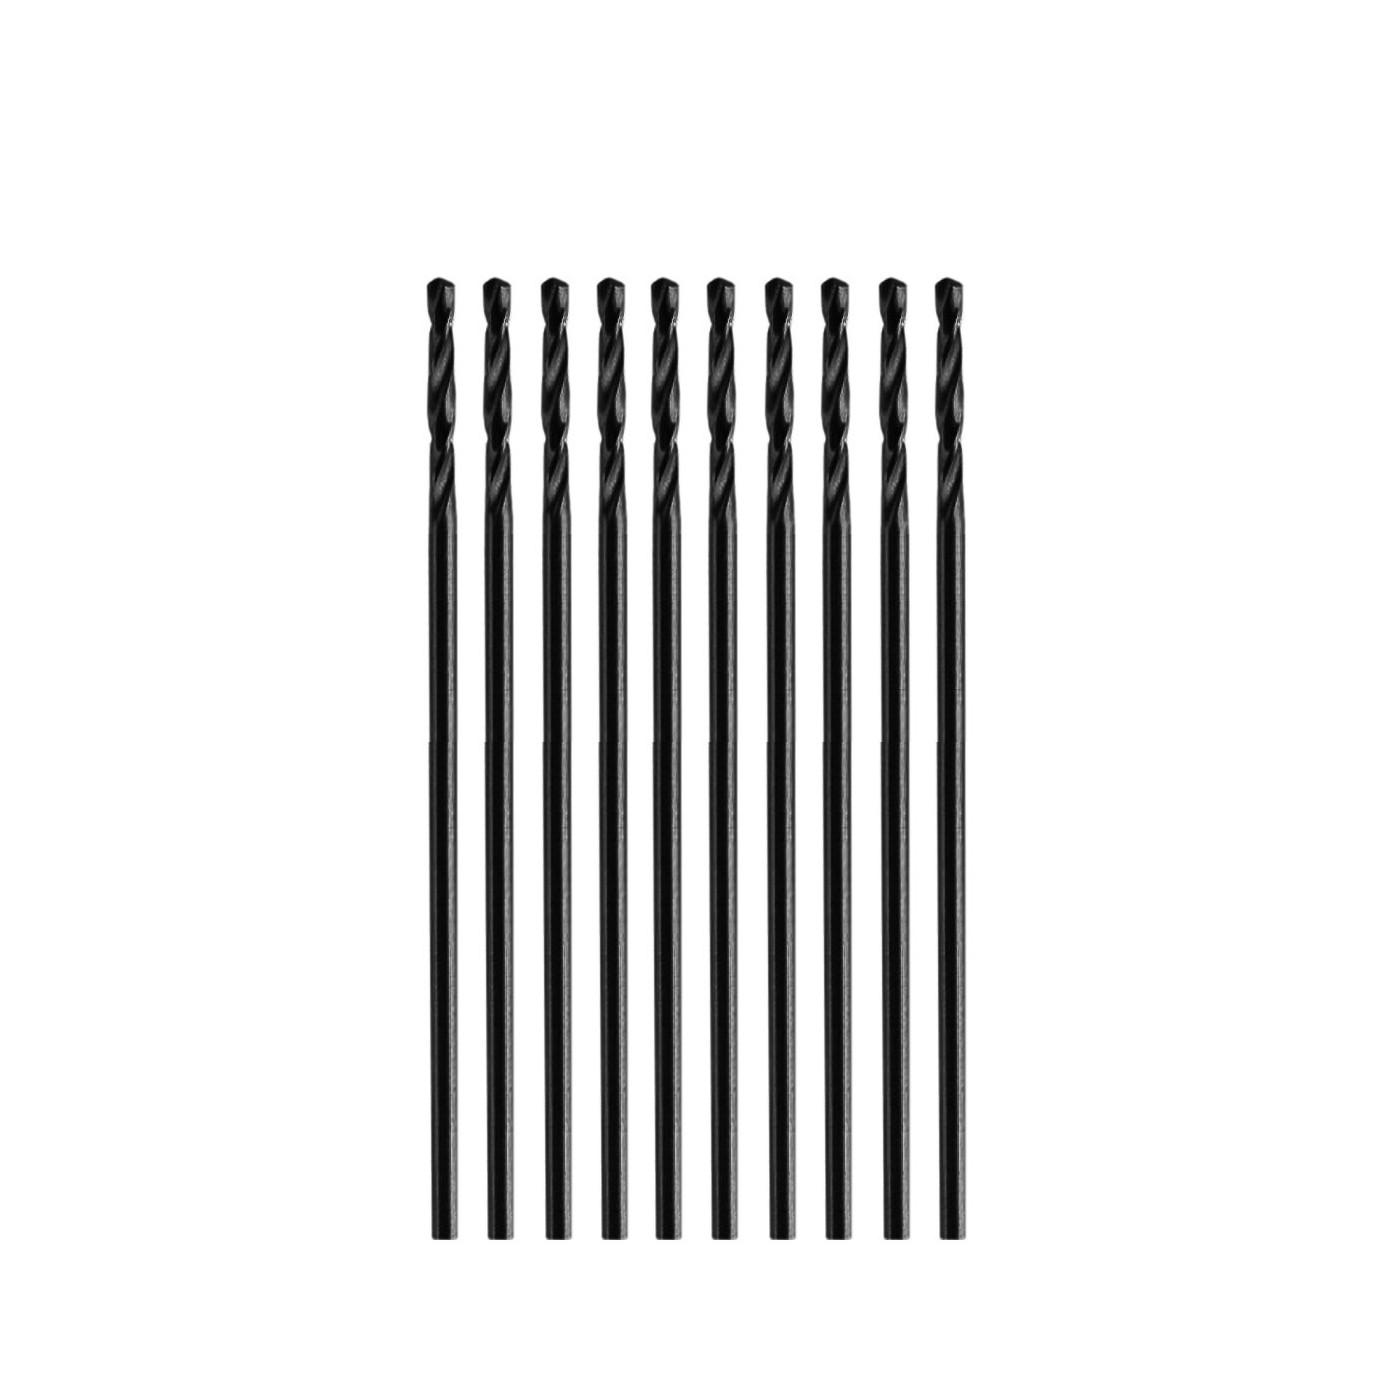 Set of 10 small metal drill bits (3.0x60 mm, HSS-R)